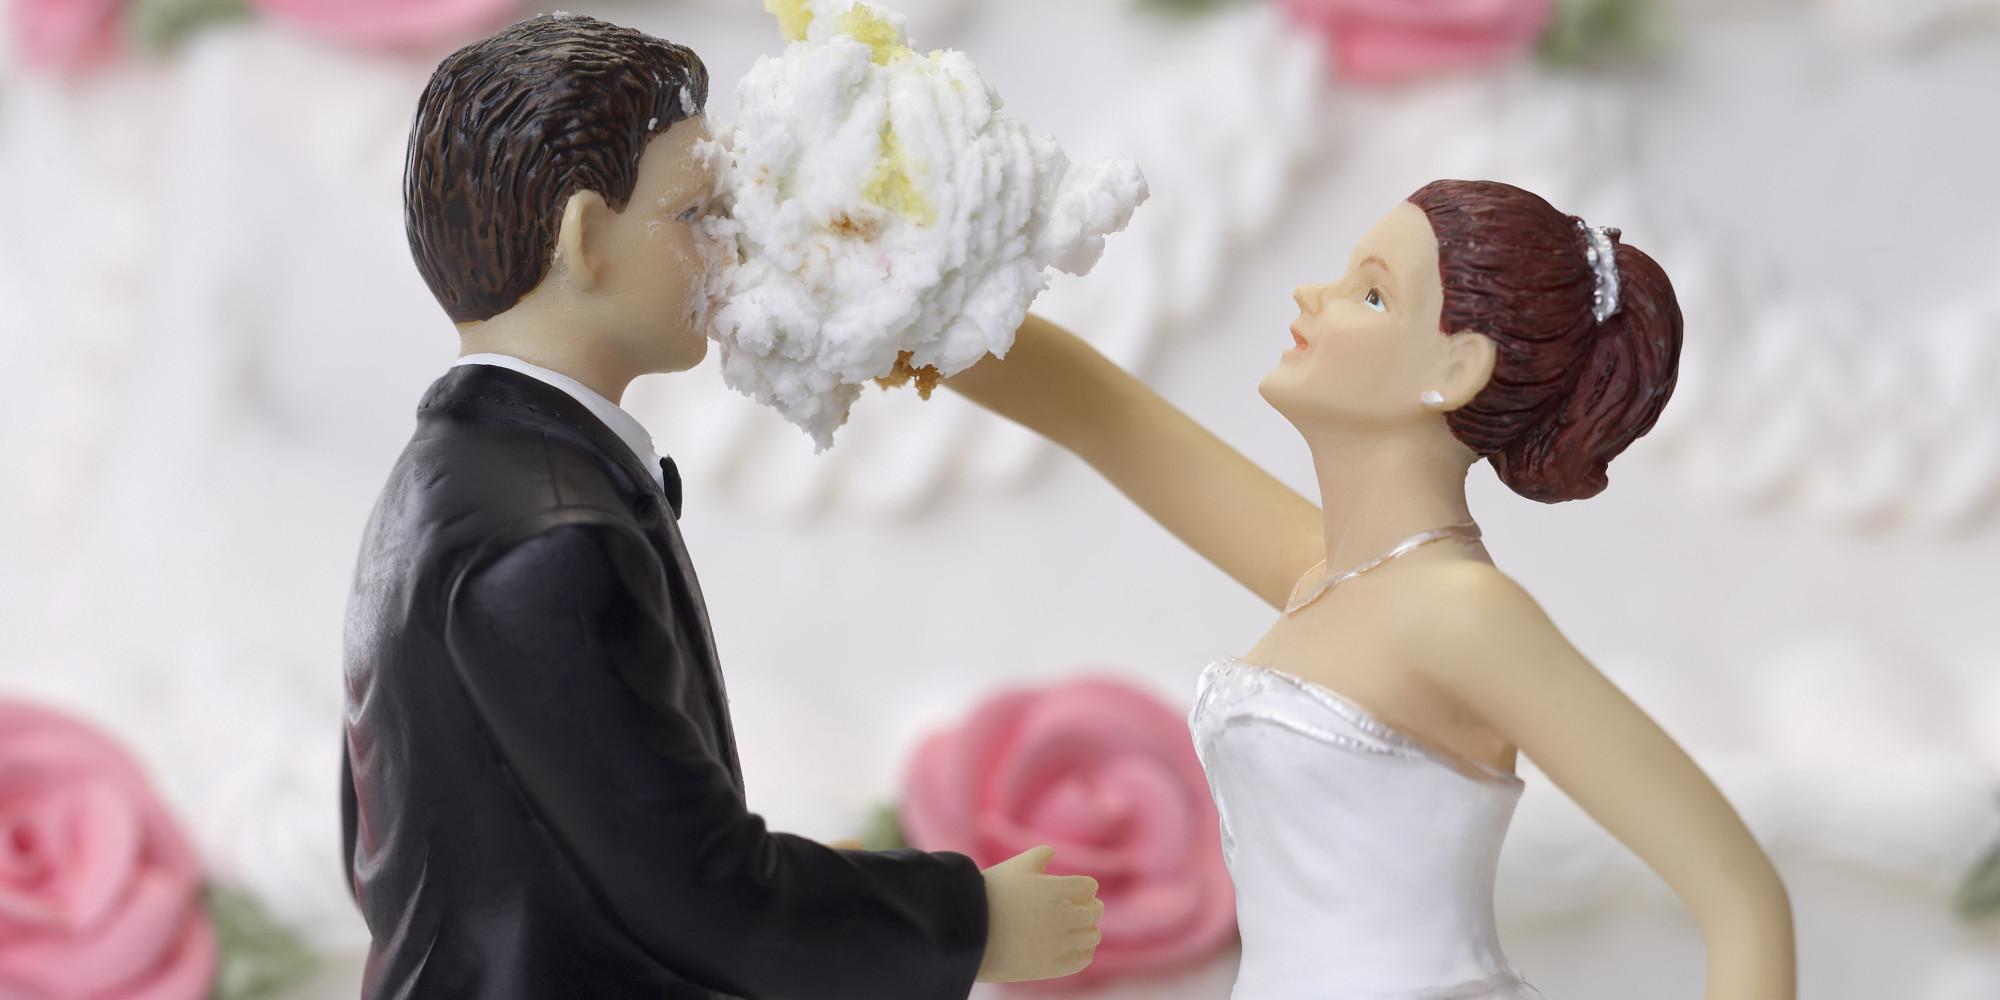 Развод девки на секс. Девушка попалась ...